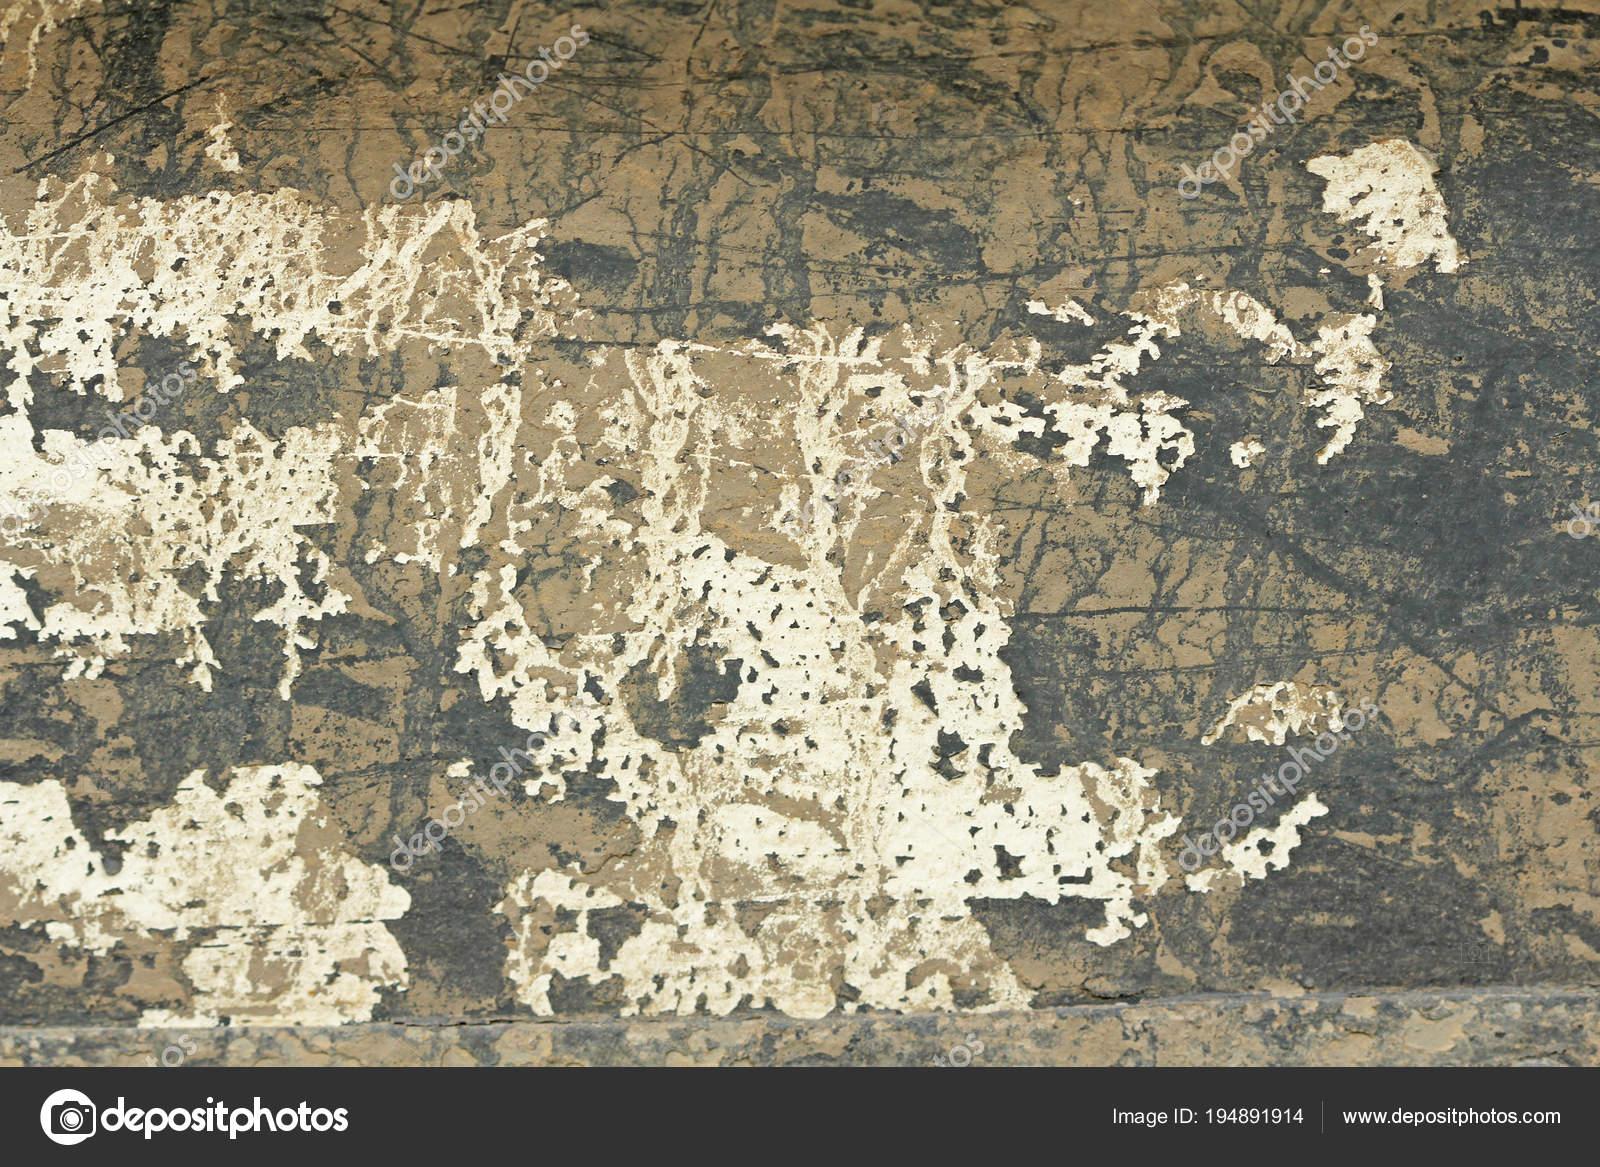 Oude schilferige verf peeling uit een grungy gebarsten muur